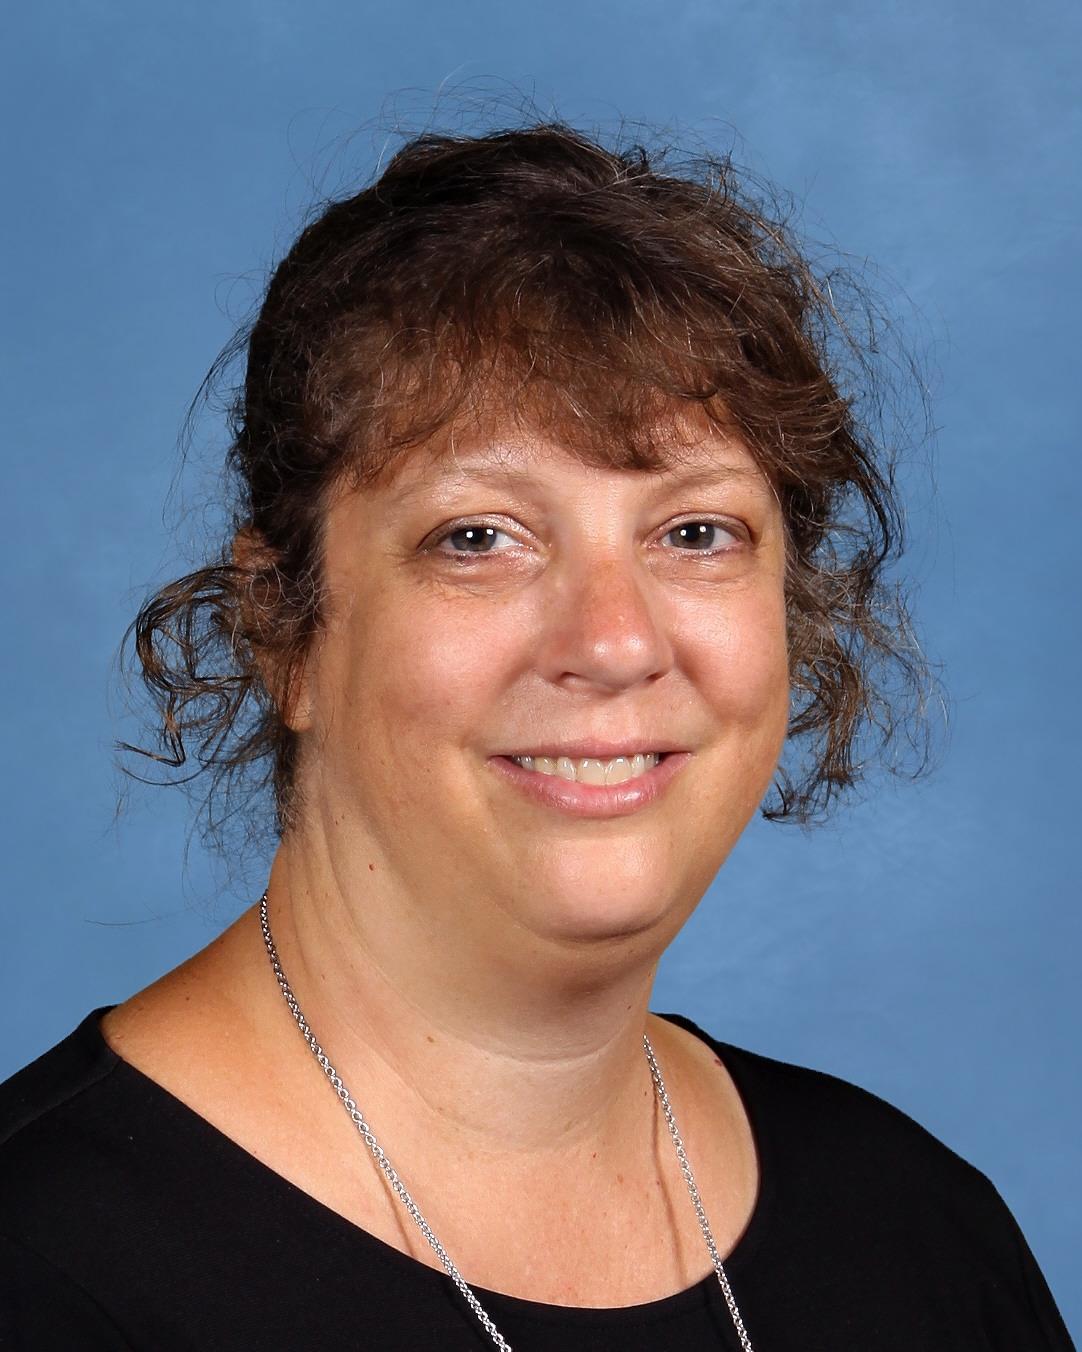 Joanne Lambie